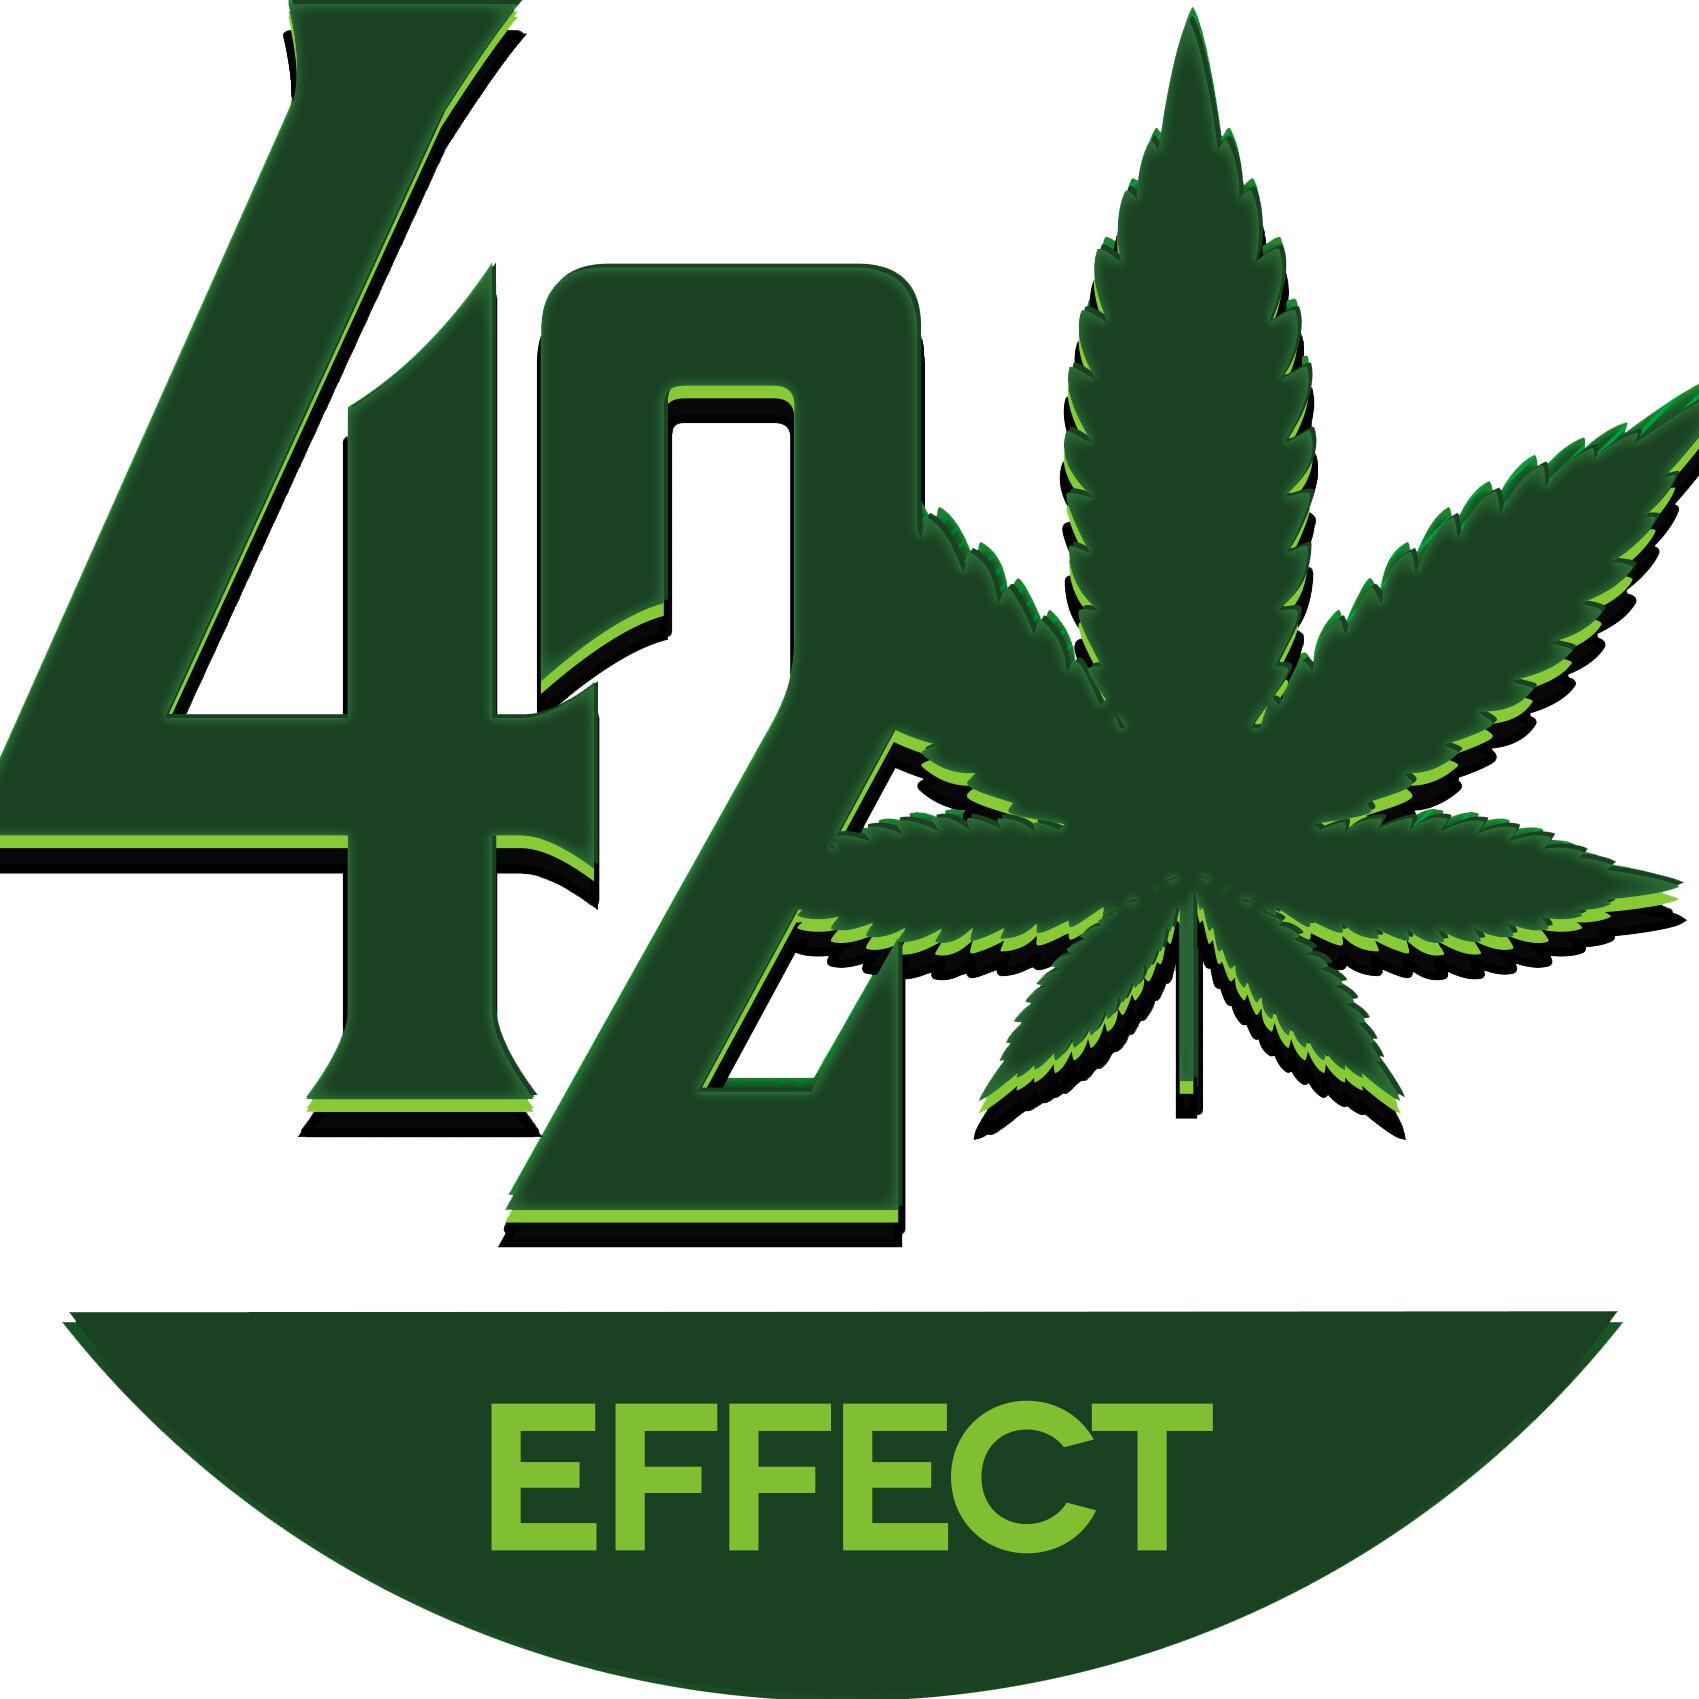 THE420EFFECT.COM